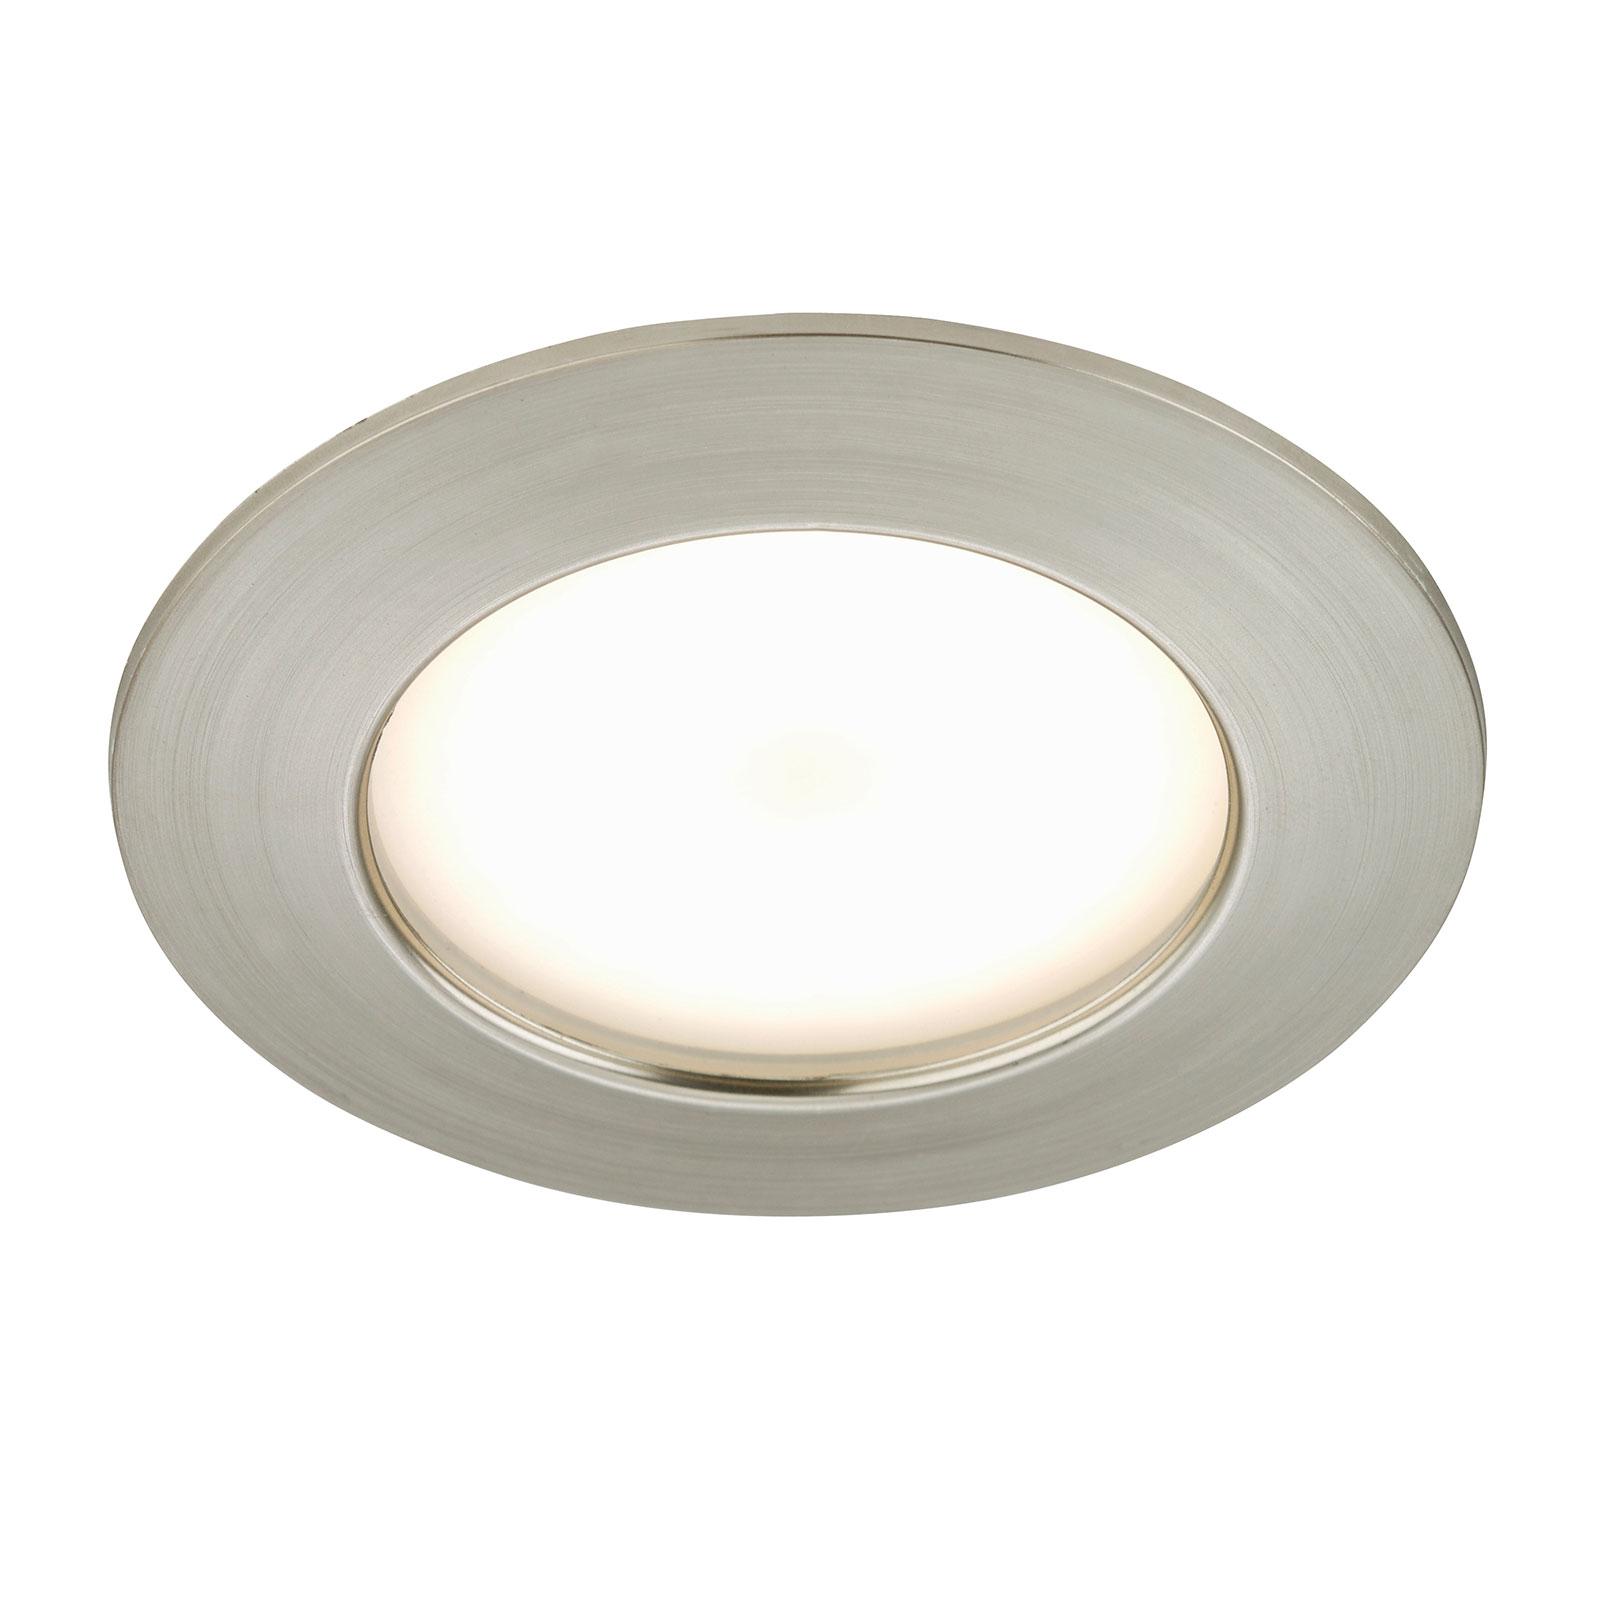 Carl – zapustené LED svetlo, vonkajšie matný nikel_1510337_1